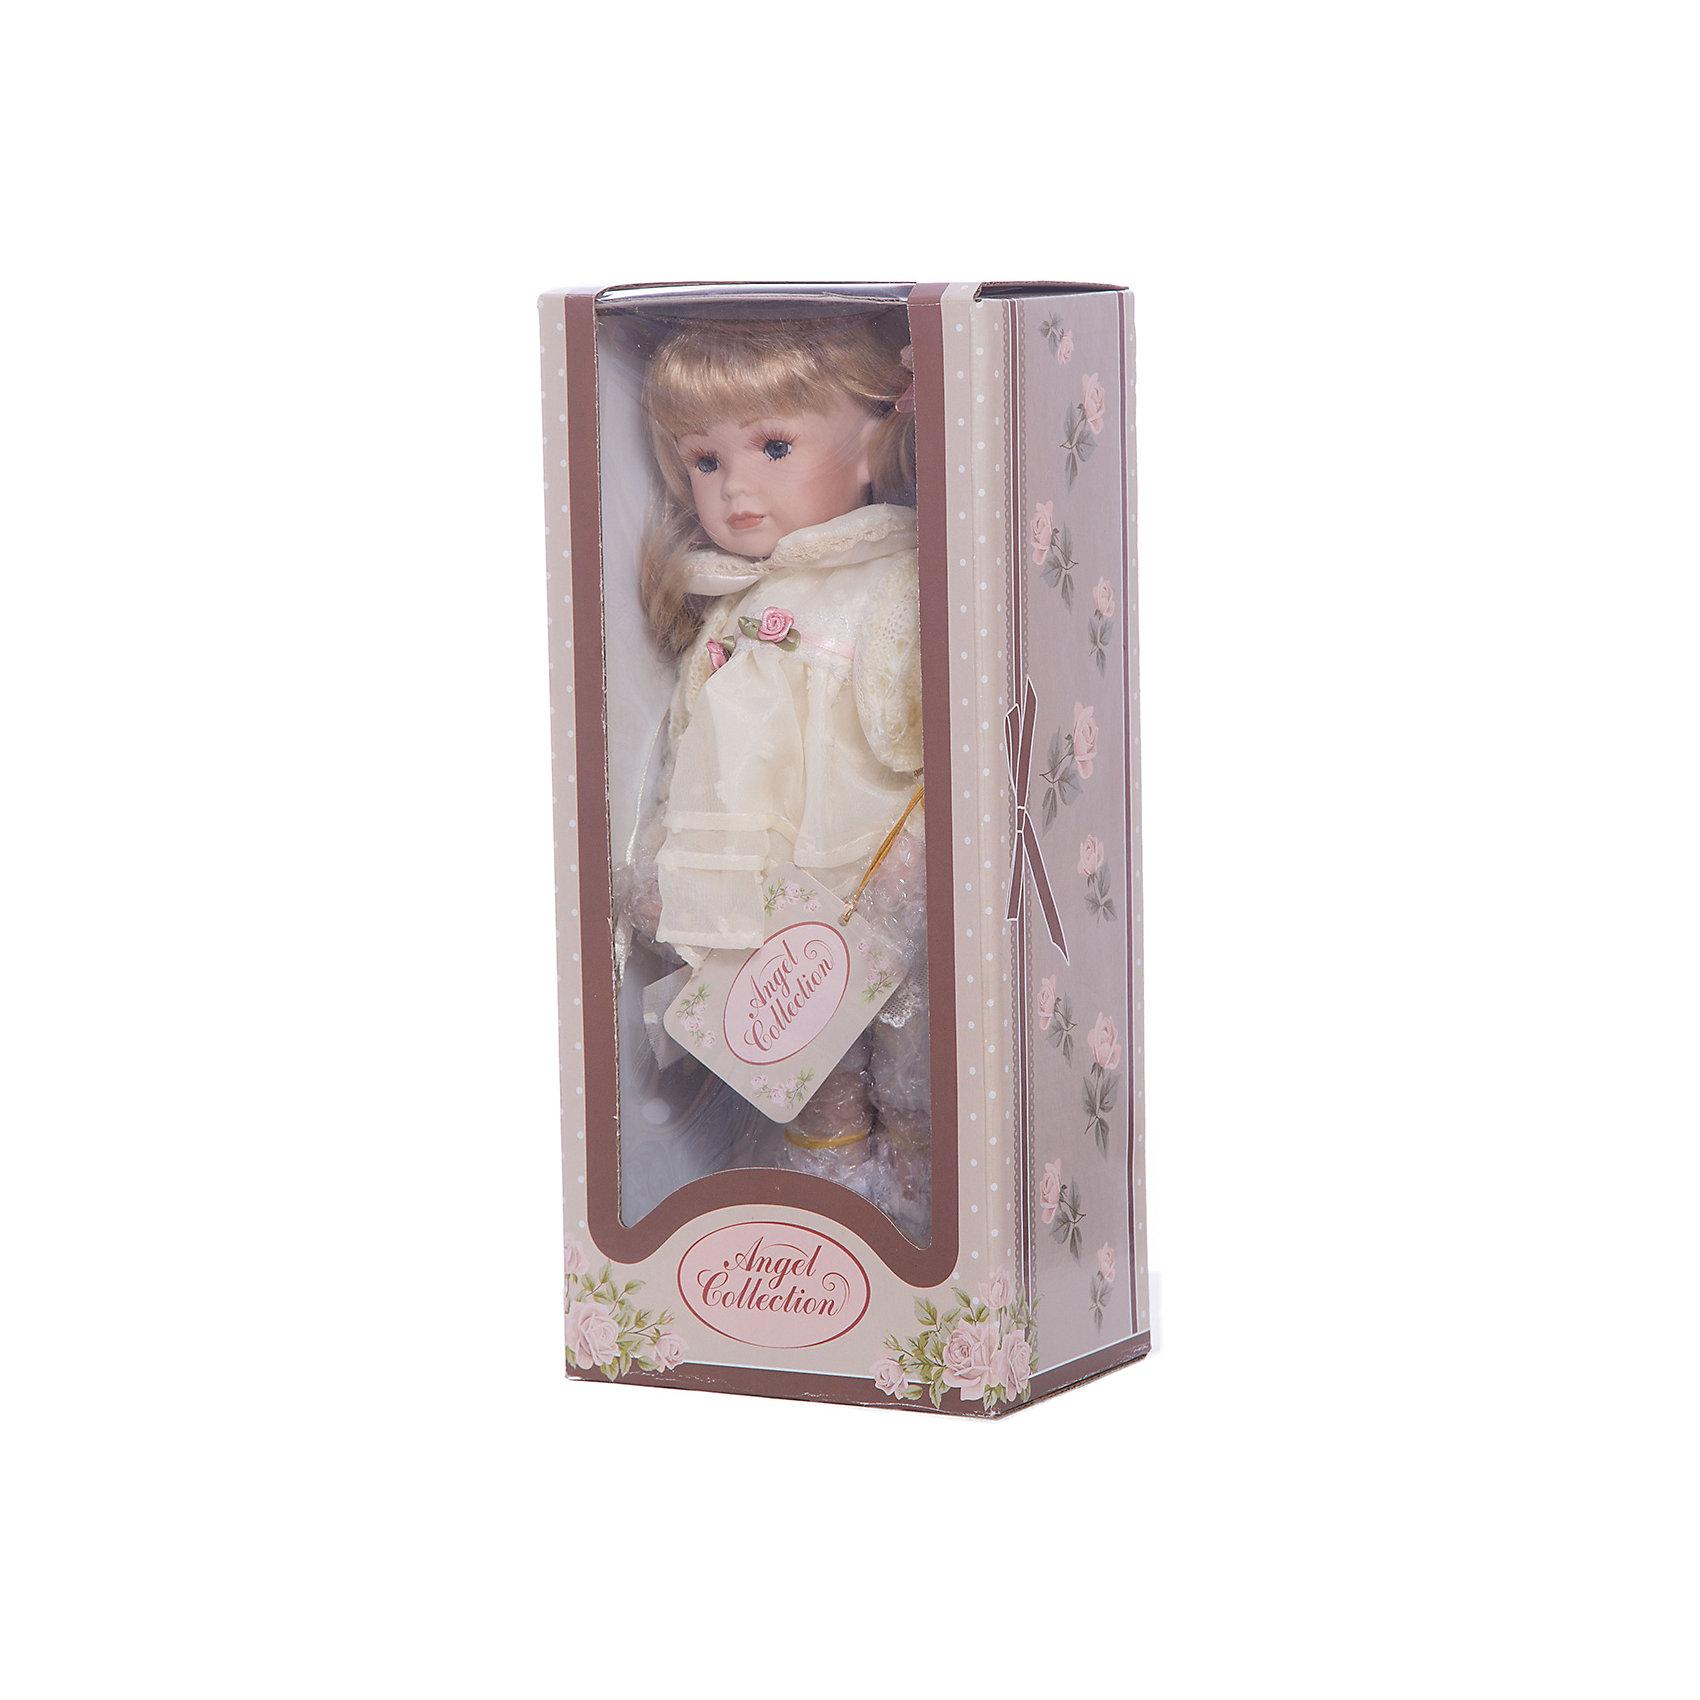 Фарфоровая кукла Кетлин, Angel CollectionБренды кукол<br>Фарфоровая кукла Кетлин, Angel Collection.<br><br>Характеристики:<br><br>• Высота куклы: 30 см.<br>• Материал: фарфор, текстиль.<br>• Упаковка: картонная коробка блистерного типа<br><br>Фарфоровая кукла Кетлин, Angel Collection - очаровательная малышка со светлыми локонами. Кетлин одета в нарядное белое платье, которое украшено тоненьким пояском с нежными розами. Поверх платья надета светло-желтая кофточка, а на ногах куклы ботиночки того же цвета. Золотистые волосы Кетлин собраны в два забавных хвостика, которые украшены бантиками. Черты лица куклы выполнены весьма детально, что делает ее похожей на настоящую девочку. Кукла установлена на специальную подставку. <br><br>Фарфоровая красавица Кетлин - это не просто игрушка, а также украшение для интерьера или ценный экспонат коллекции. Каждая кукла в серии Angel Collection, обладает неповторимым образом - принцессы, феи, маленькие девочки, роскошные невесты и т.д. Изысканные наряды и очаровательная матовость фарфора превращают этих кукол в настоящее произведение искусства. Куклы Angel Collection сделаны из уникальной голубой глины, добываемой только в провинции Tai-Nan Shin, Тайвань.<br><br>Фарфоровую куклу Кетлин, Angel Collection можно купить в нашем интернет-магазине.<br><br>Ширина мм: 145<br>Глубина мм: 320<br>Высота мм: 95<br>Вес г: 667<br>Возраст от месяцев: 36<br>Возраст до месяцев: 2147483647<br>Пол: Женский<br>Возраст: Детский<br>SKU: 5400275